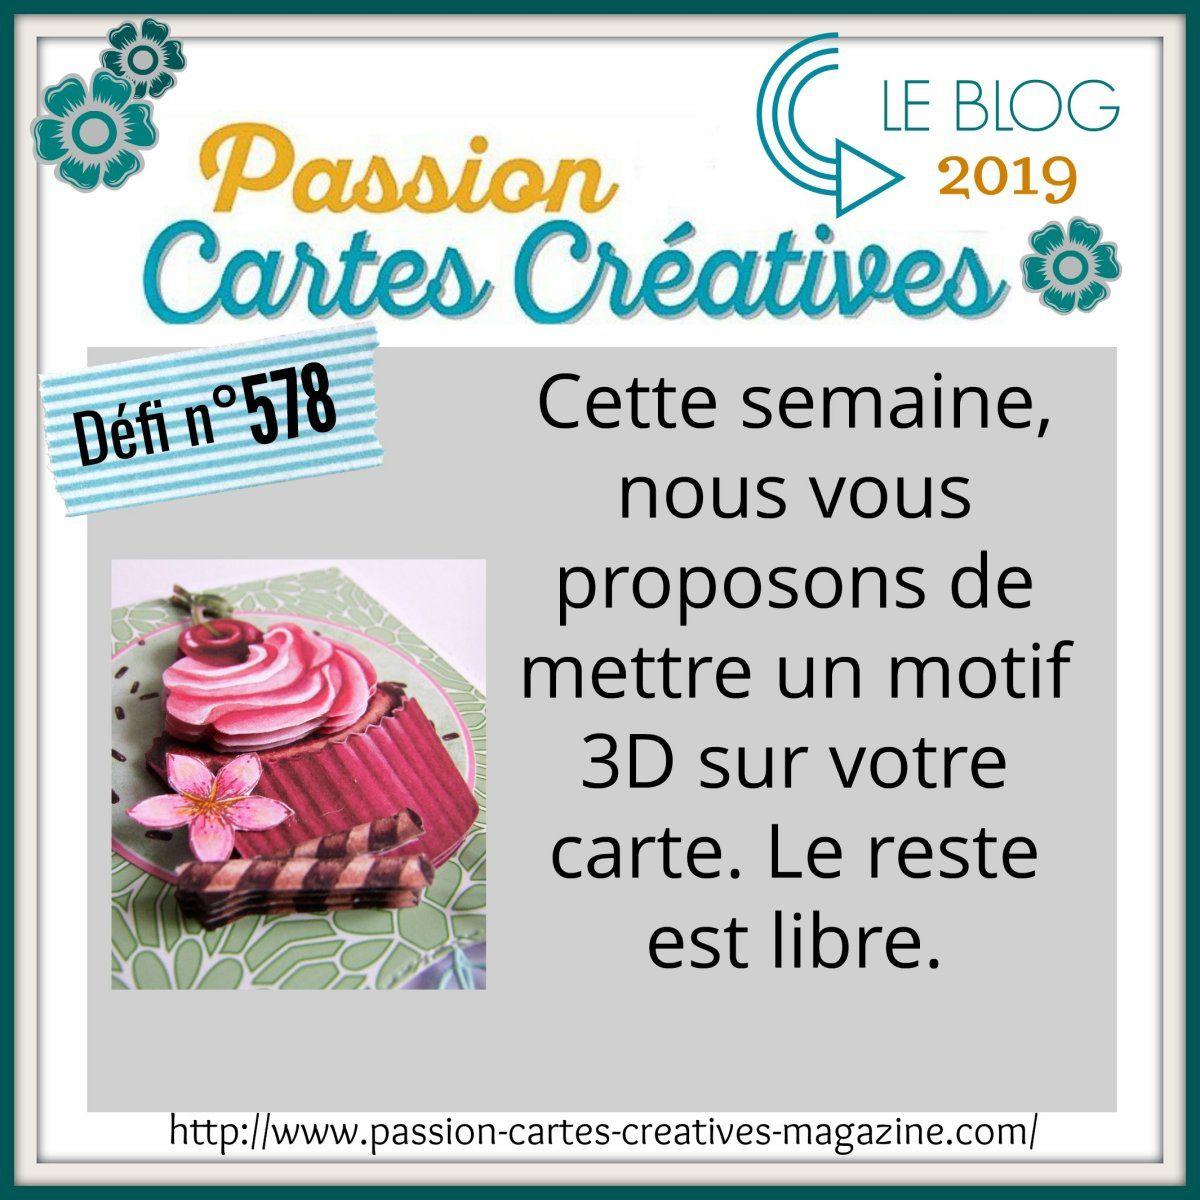 Défi 578 de Passion Cartes Créatives